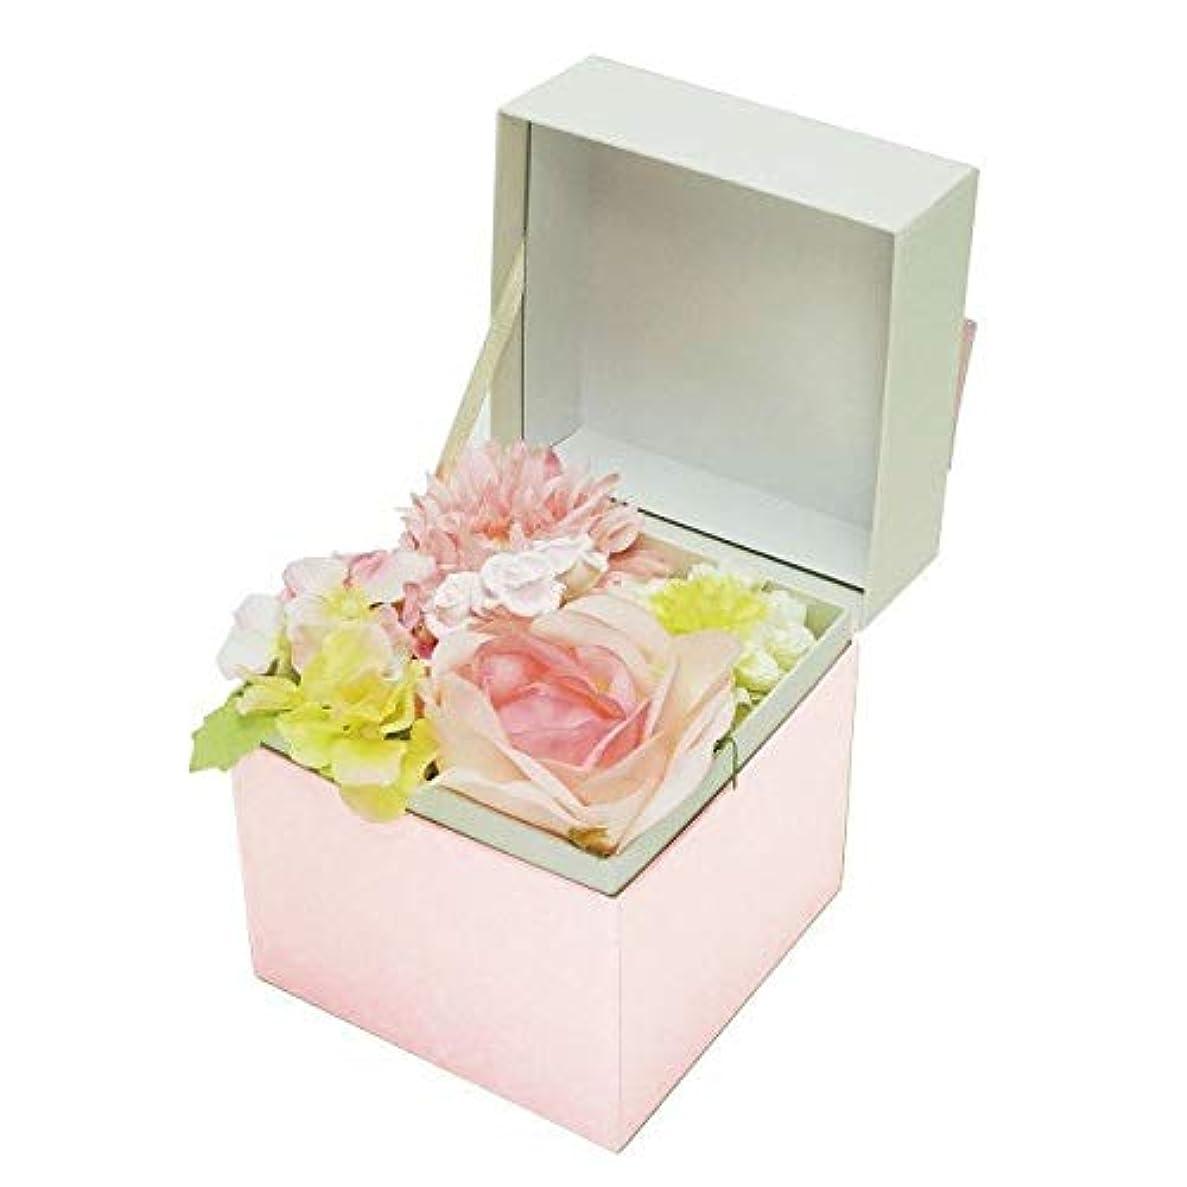 決定する薬局従うフラワーフレグランス スイートピンク シャインフラワーの香り/クロエ ディフューザー 芳香 ギフトボックス